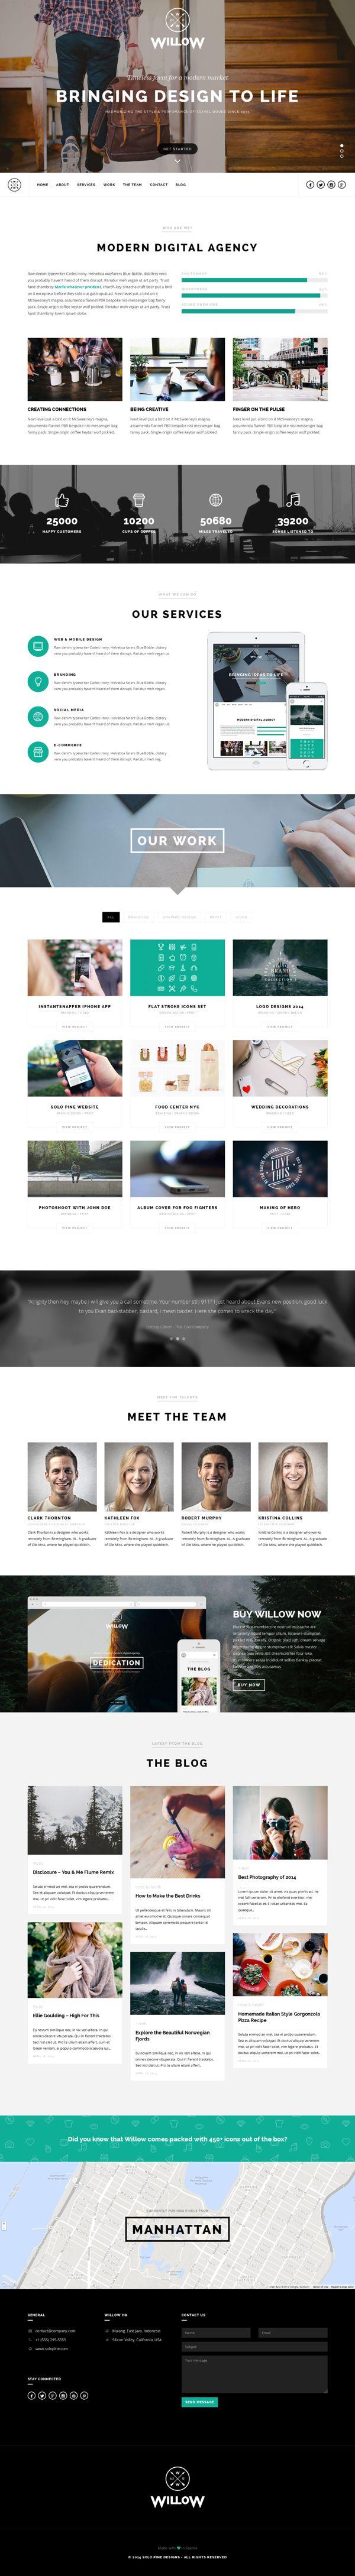 best headers images on pinterest design websites website